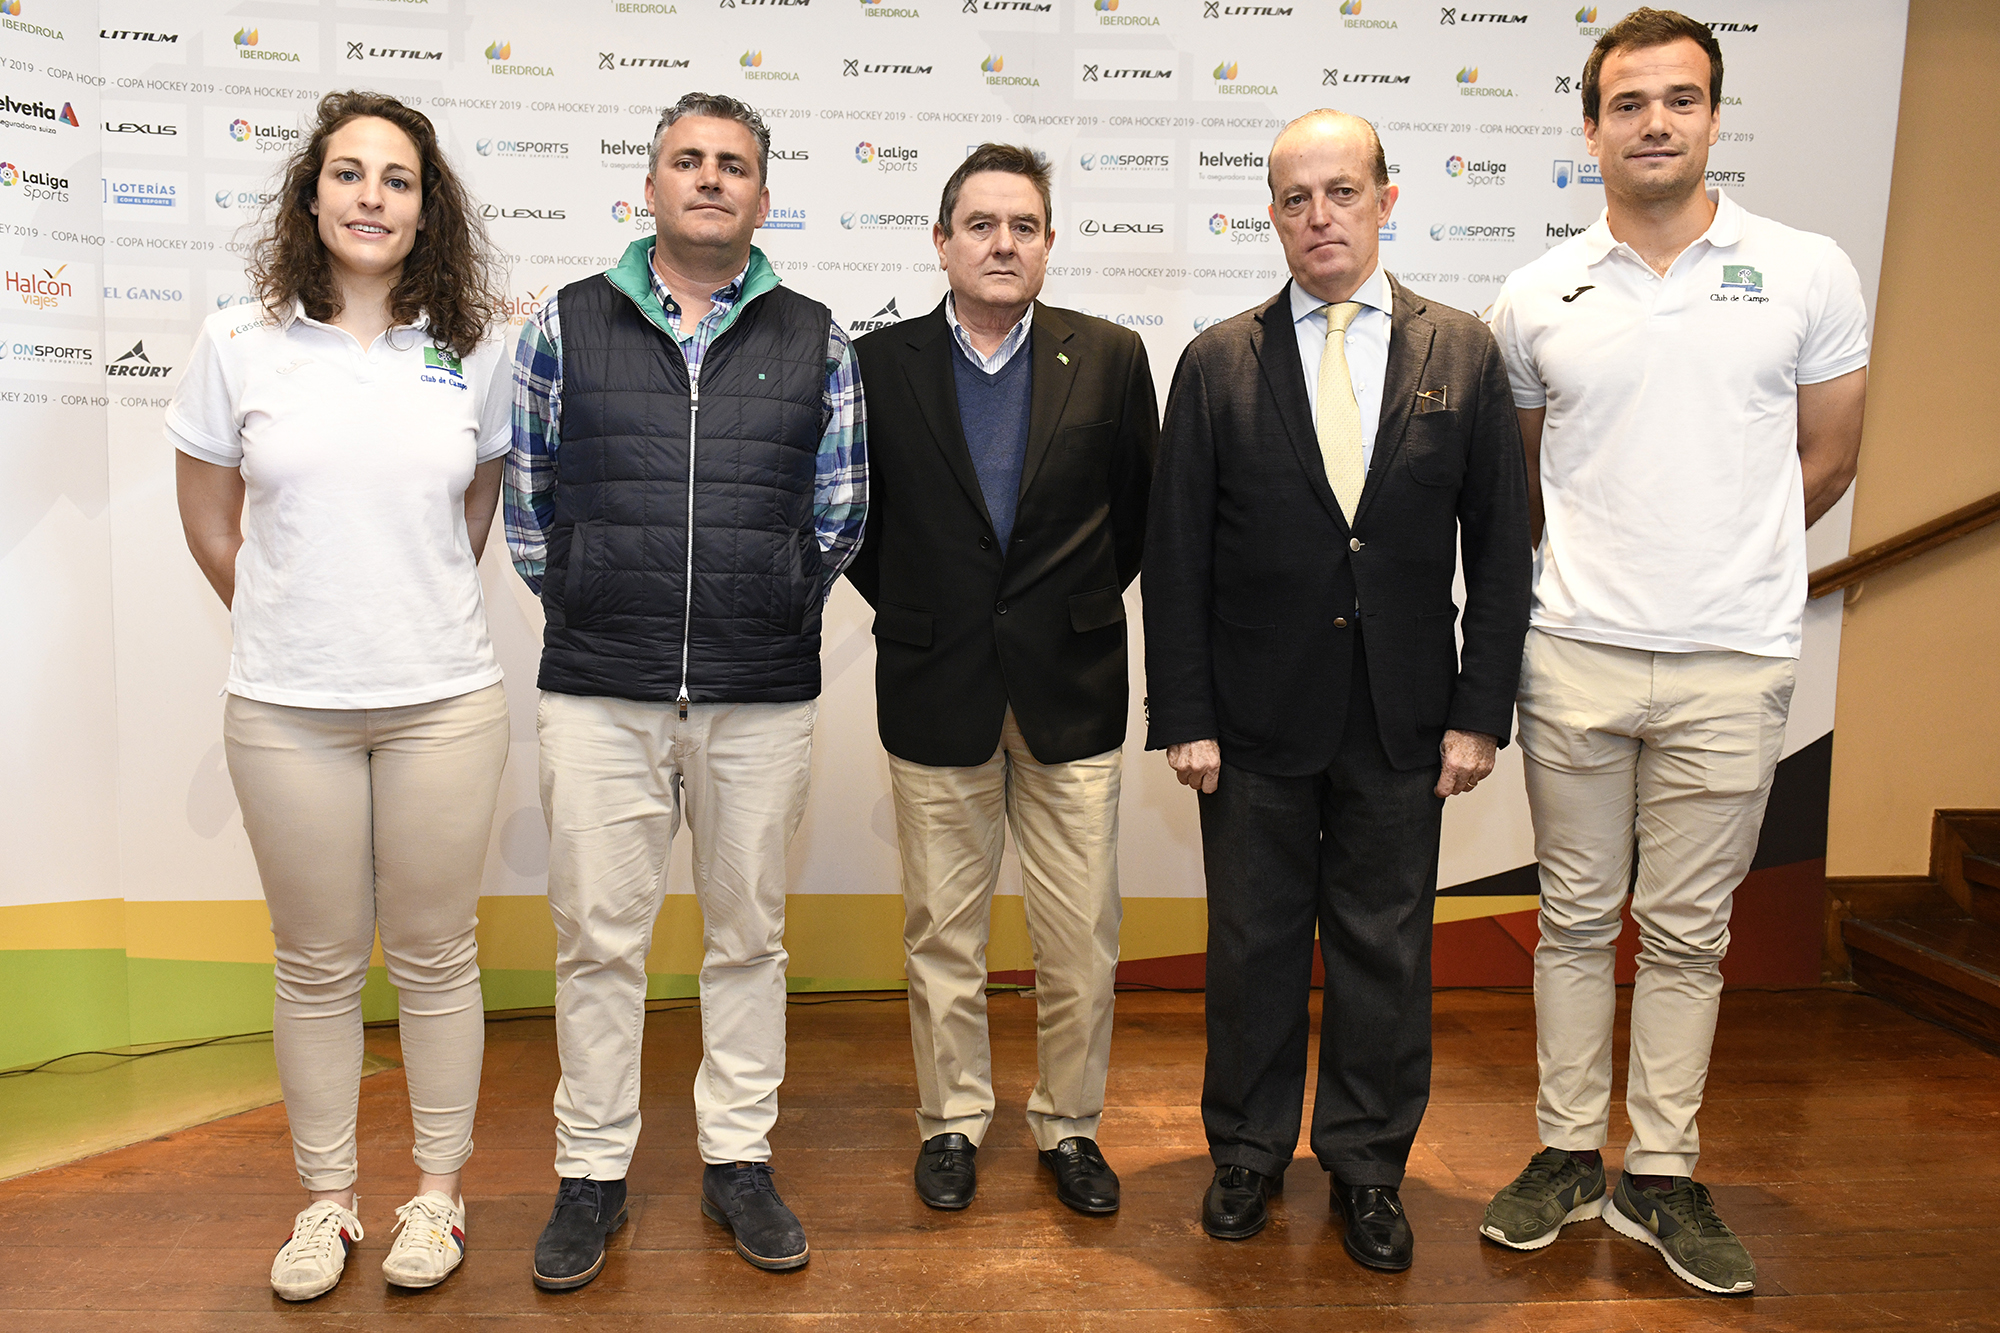 Foto de familia con Mari Ruiz, Miguel Vilches, Antonio Montalvo, Santiago Deó y Álvaro Iglesias. Foto: Rafa Aparicio